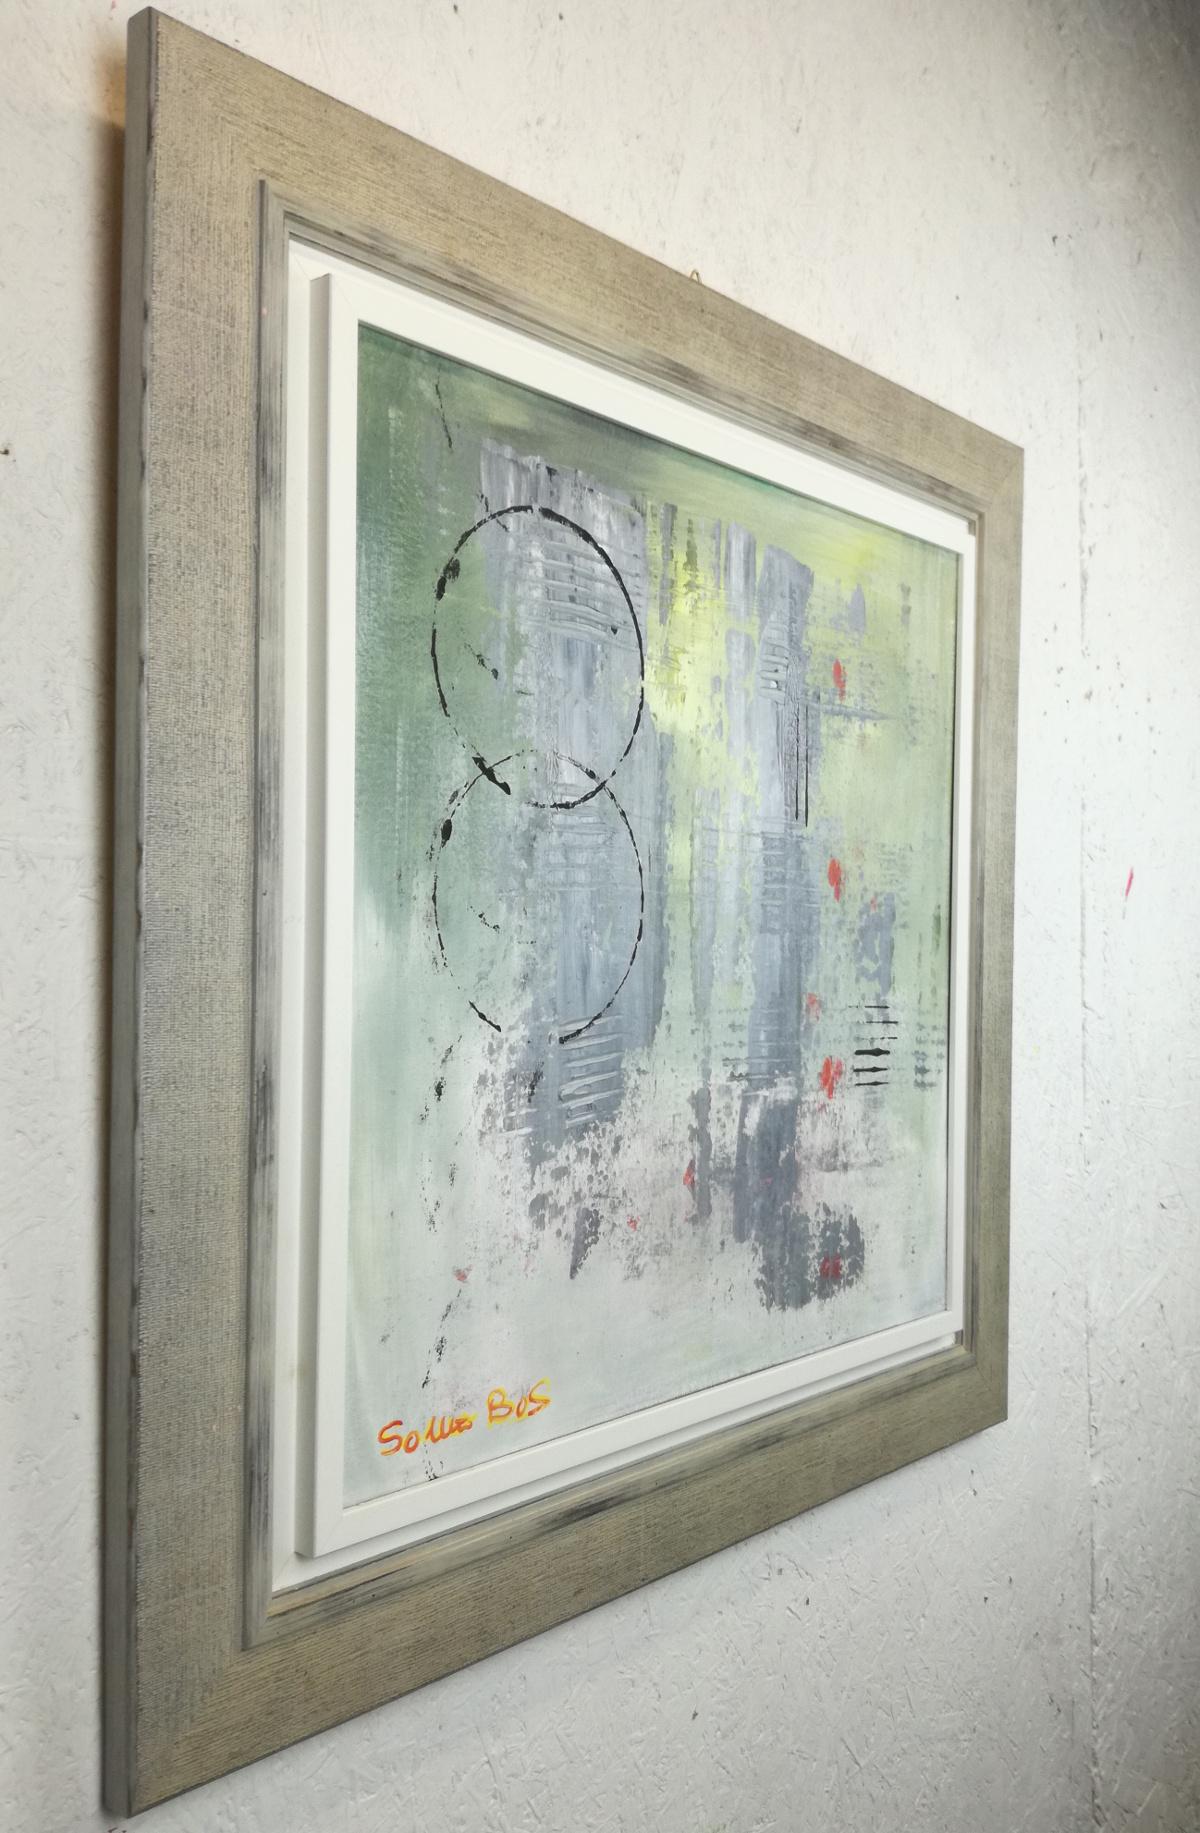 astratto moderno c019 dx - quadro-astratto-con-cornice-moderna-chiarista